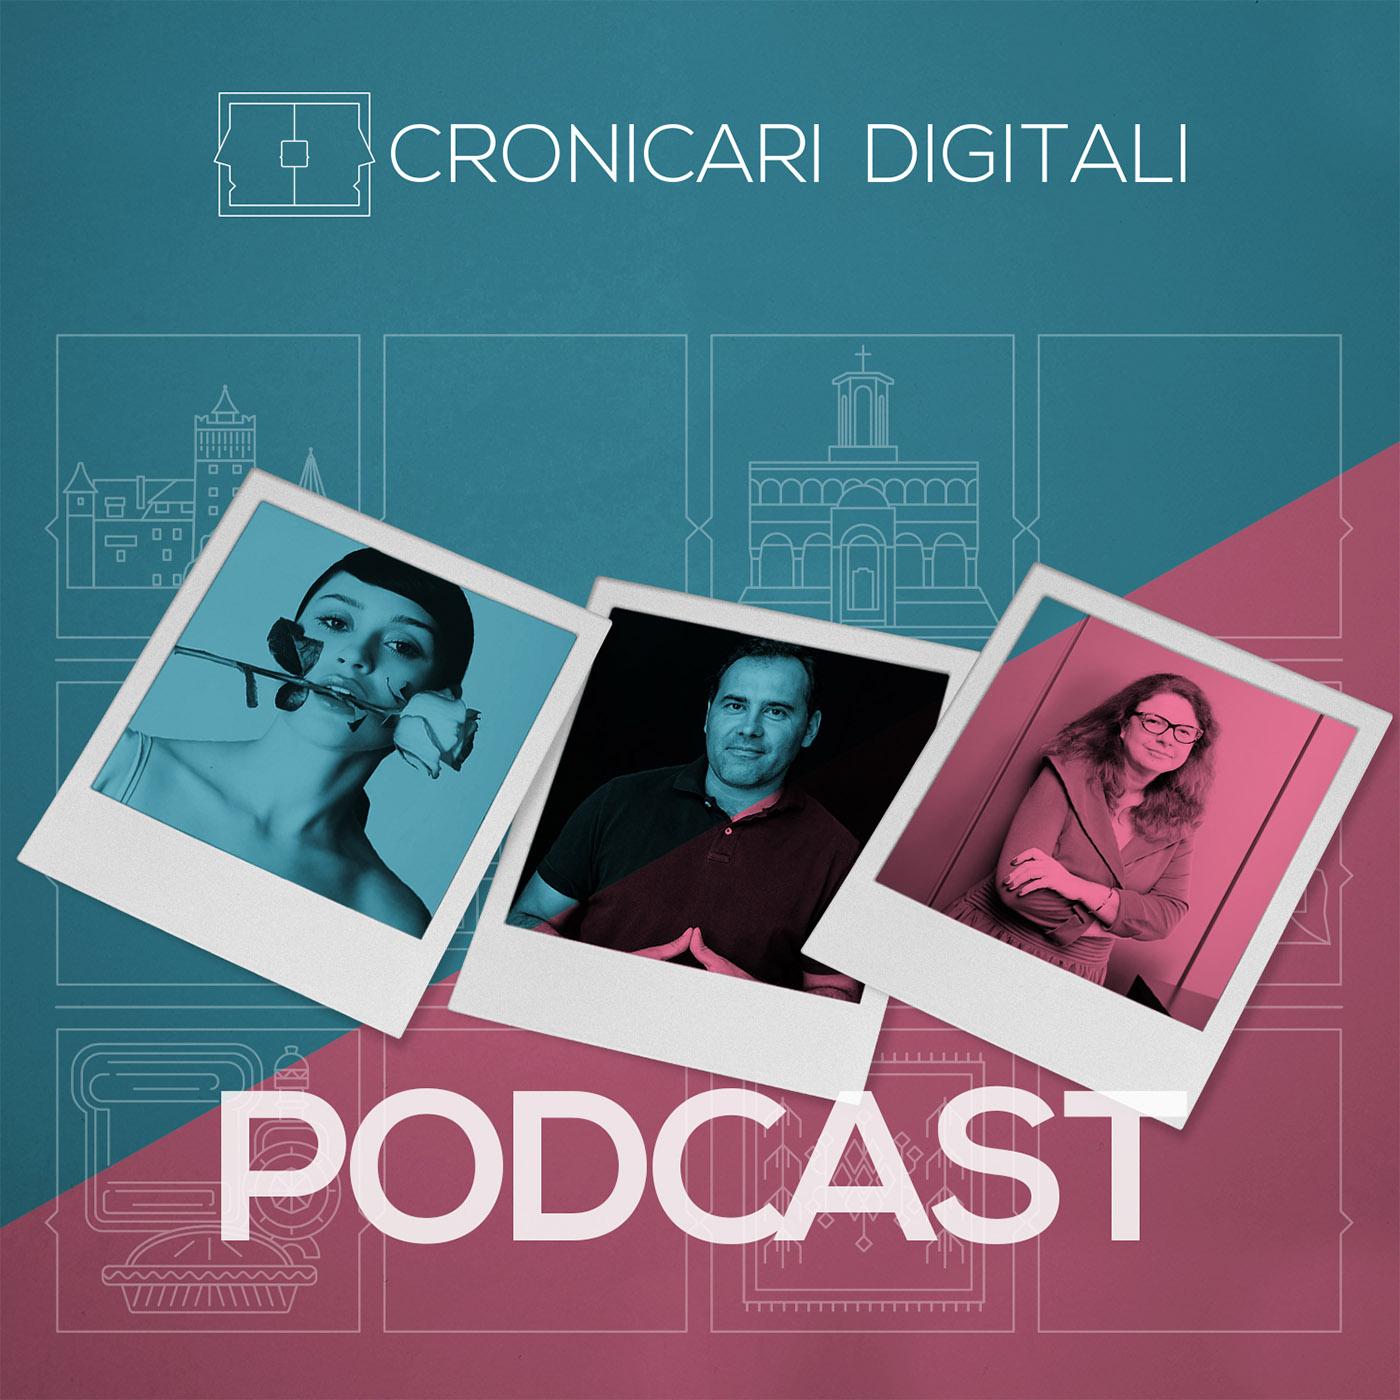 #cronicaridigitali S1 episod 6, Invitați Irina Rimes & Eugen Vaida & Corina Vasile, moderator Cristian Șimonca, aka Blogu lu' Otravă